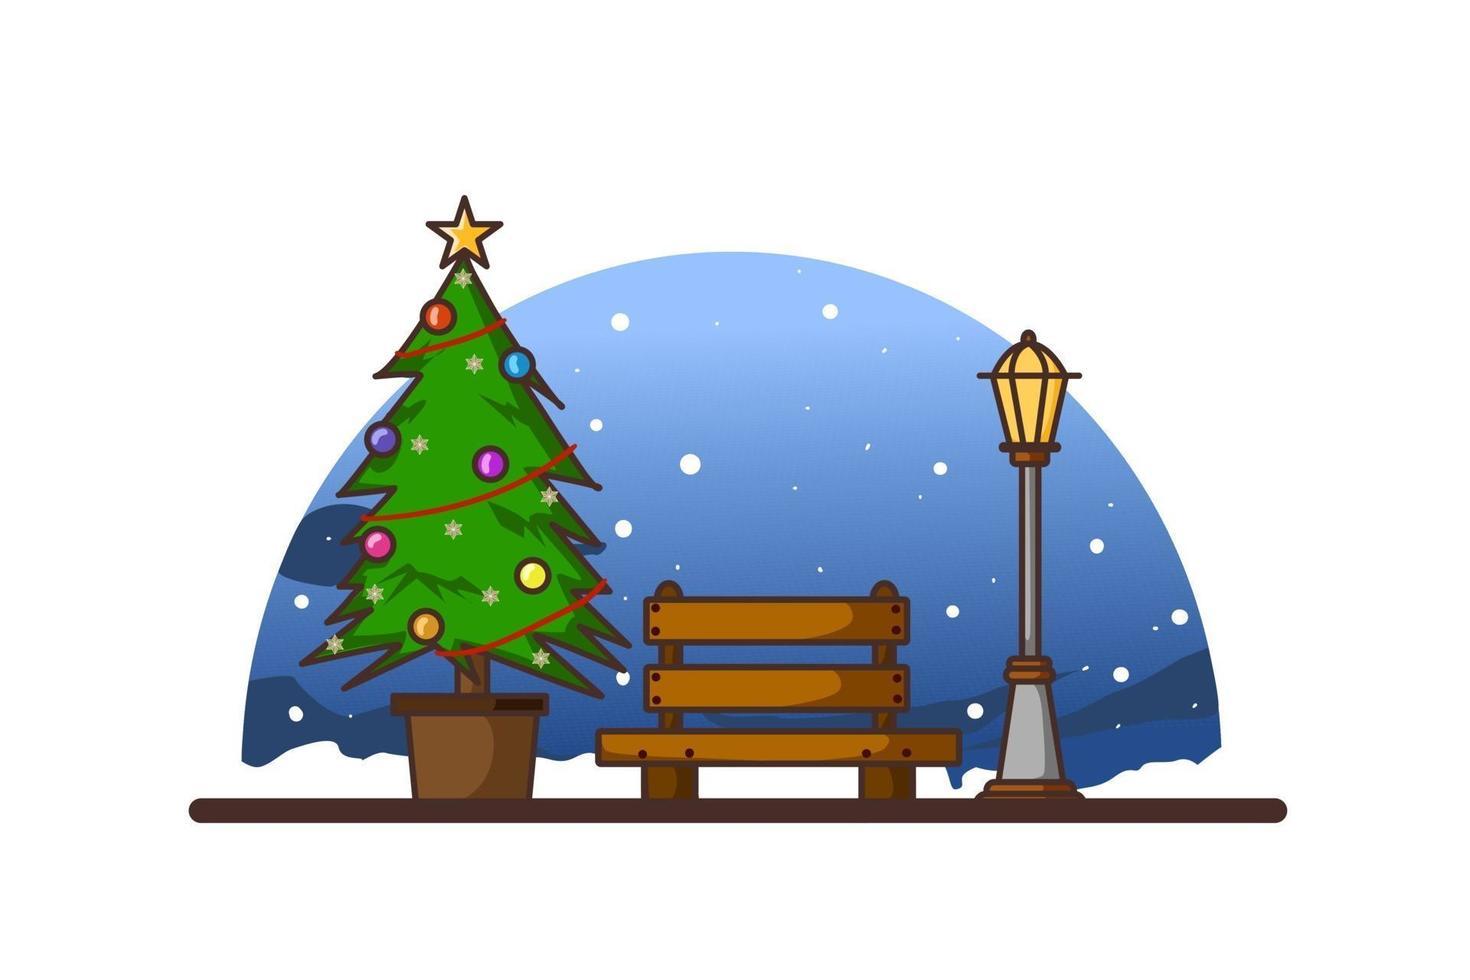 gatastämning på julafton med lampstolpar och träd vektor